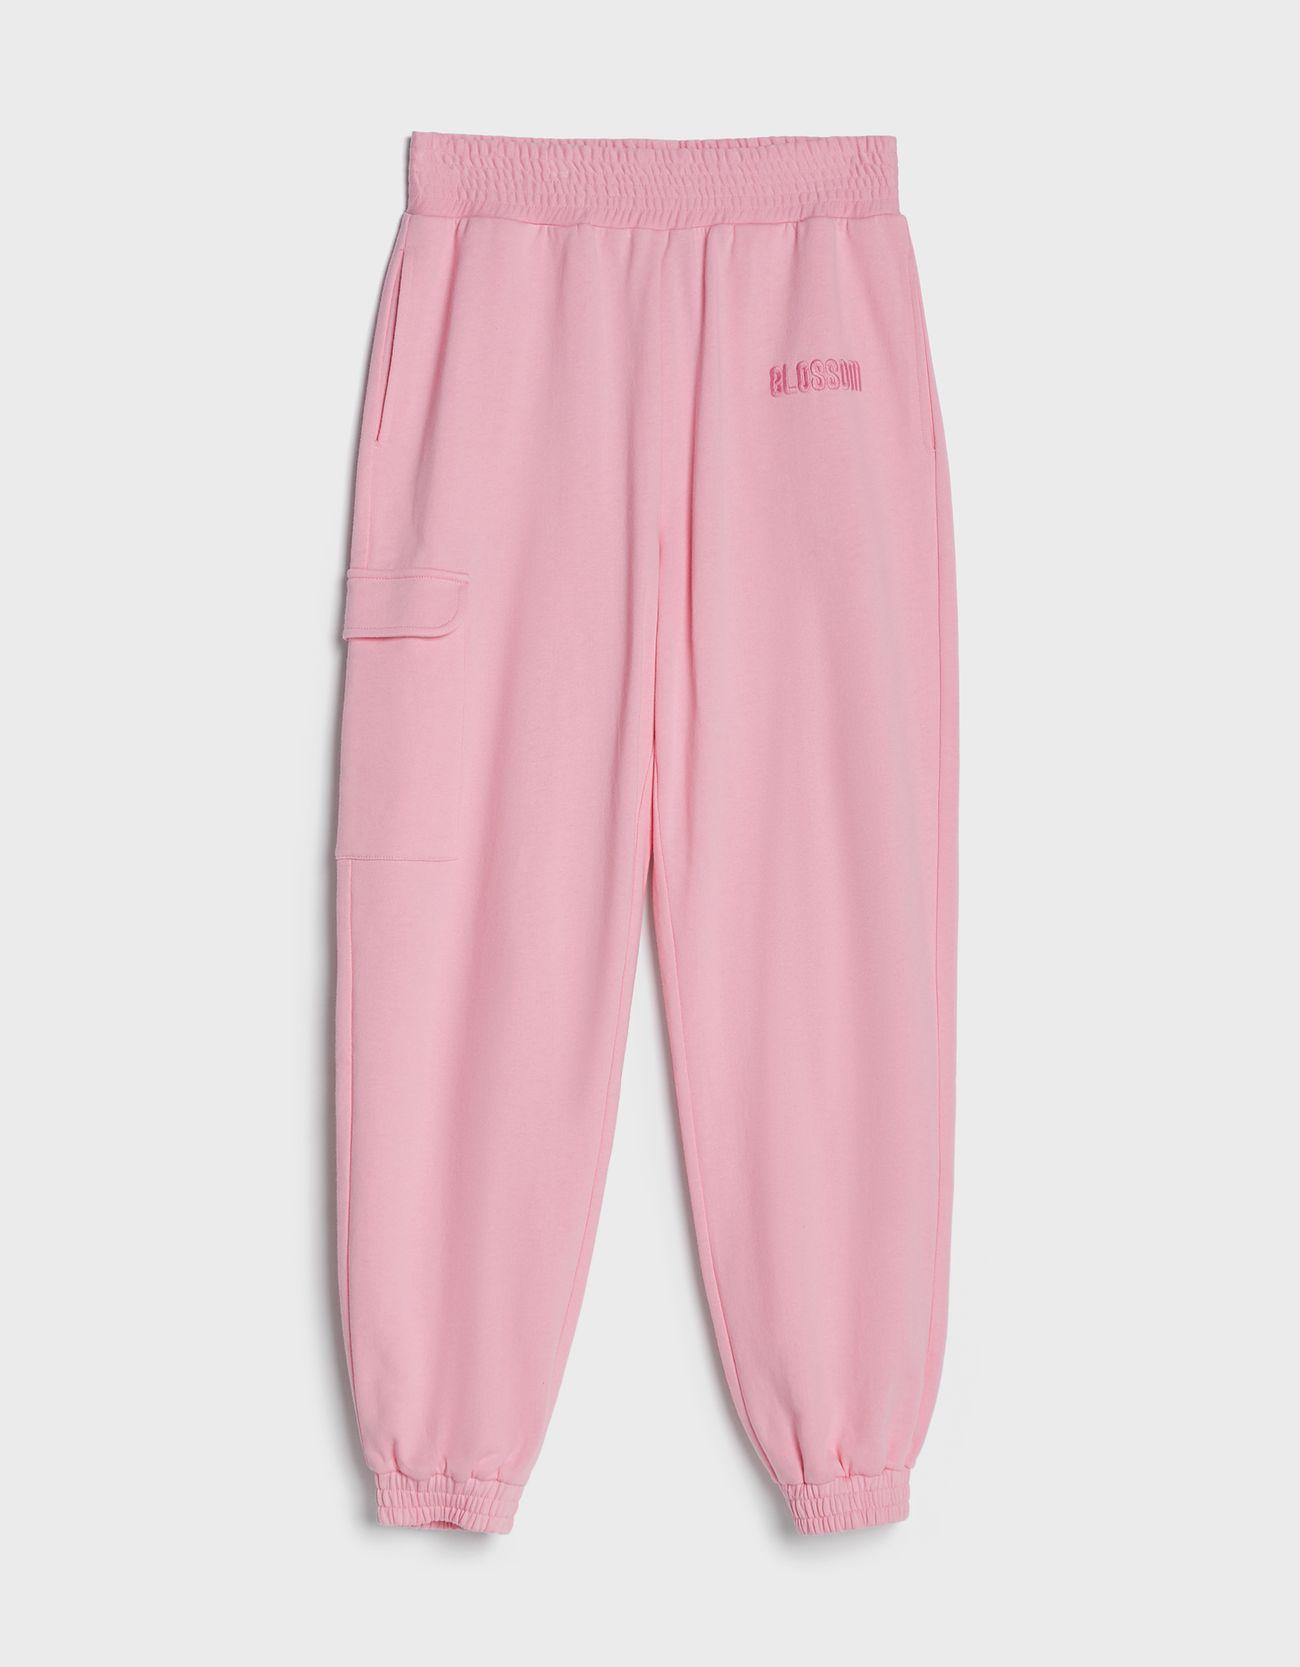 Pantalón tipo jogger en rosa.